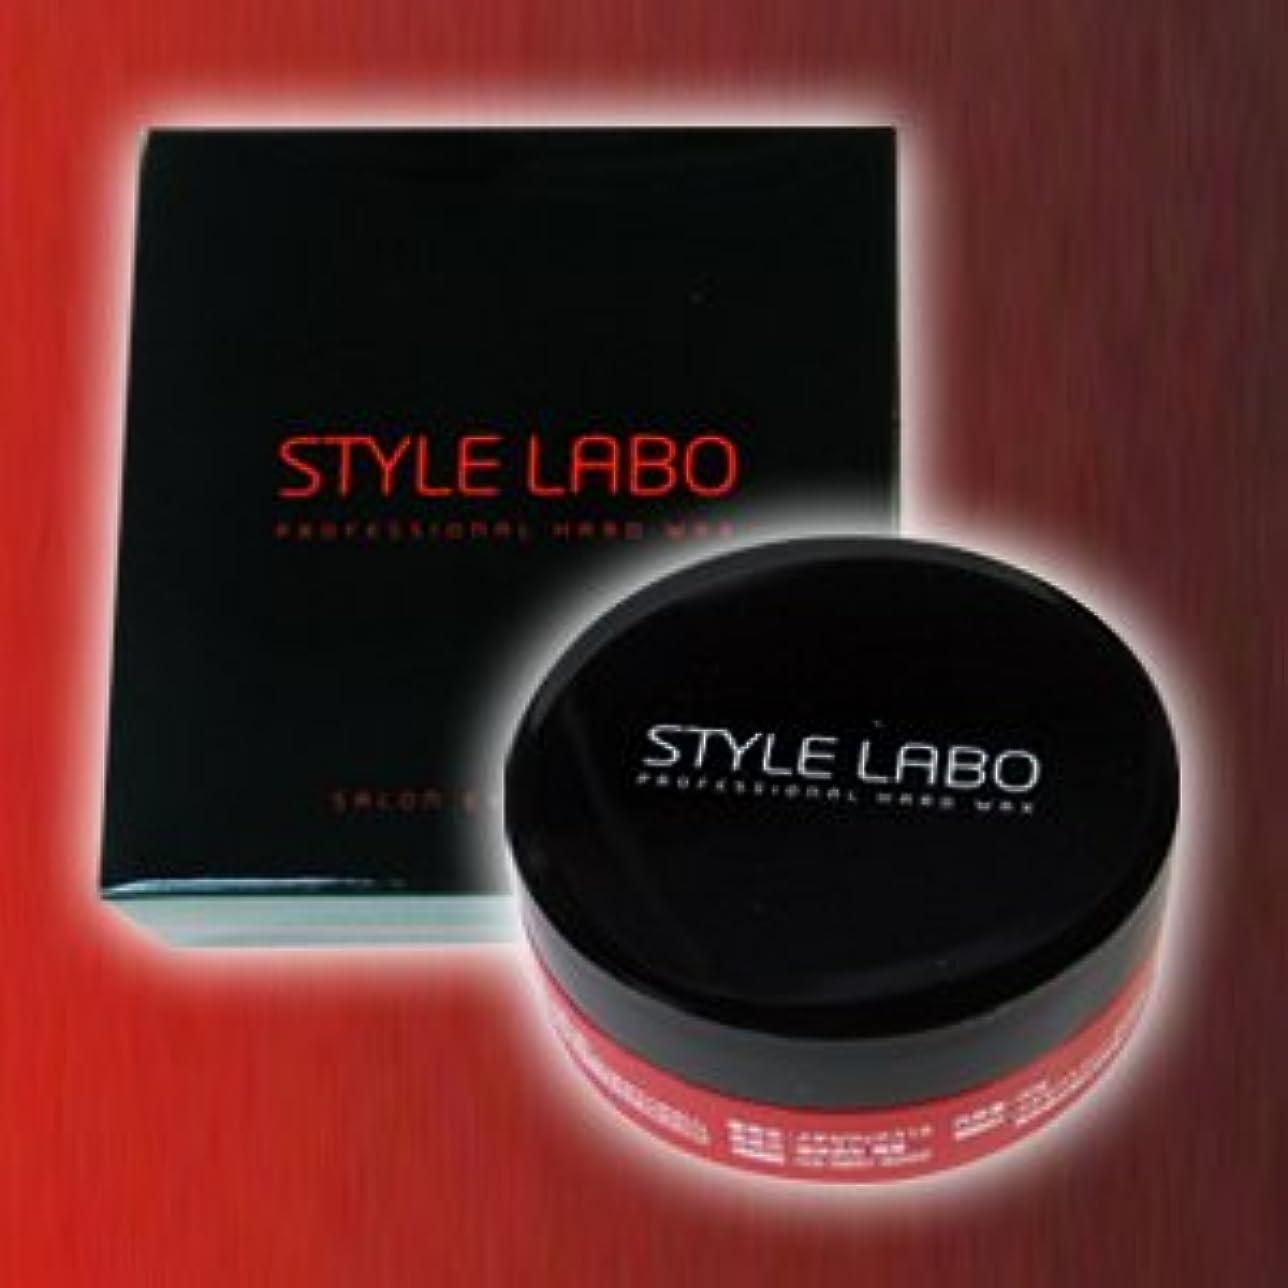 カロリー条件付き意図するSTYLE LABO スタイルラボ ハードワックス 30g <化粧箱付>